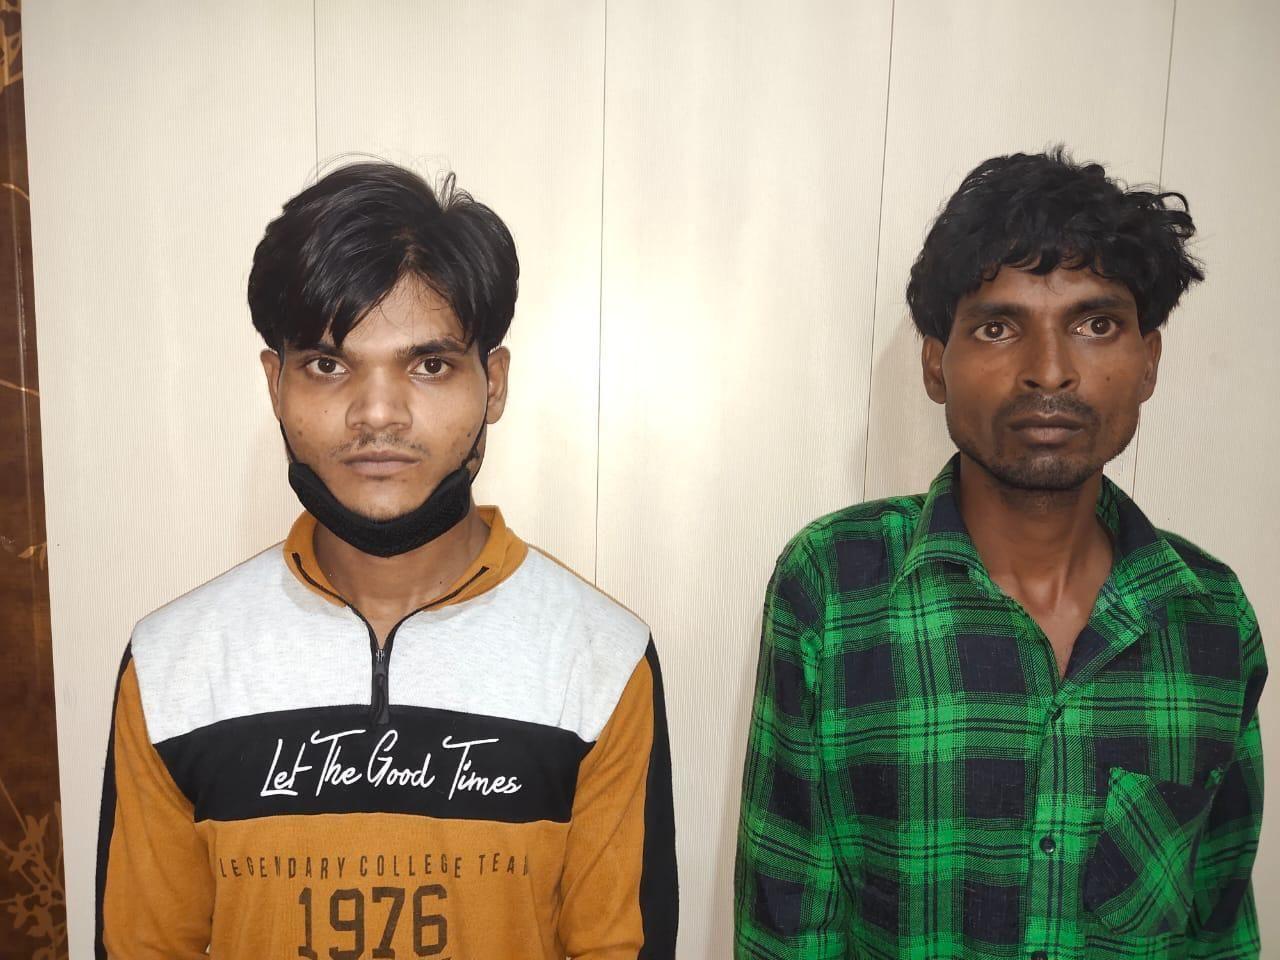 प्रेम प्रसंग में रोड़ा बना था रमईहार का नंद किशोर, इसलिए शूटर की मदद से गोली मार कर हुई थी उसकी हत्या